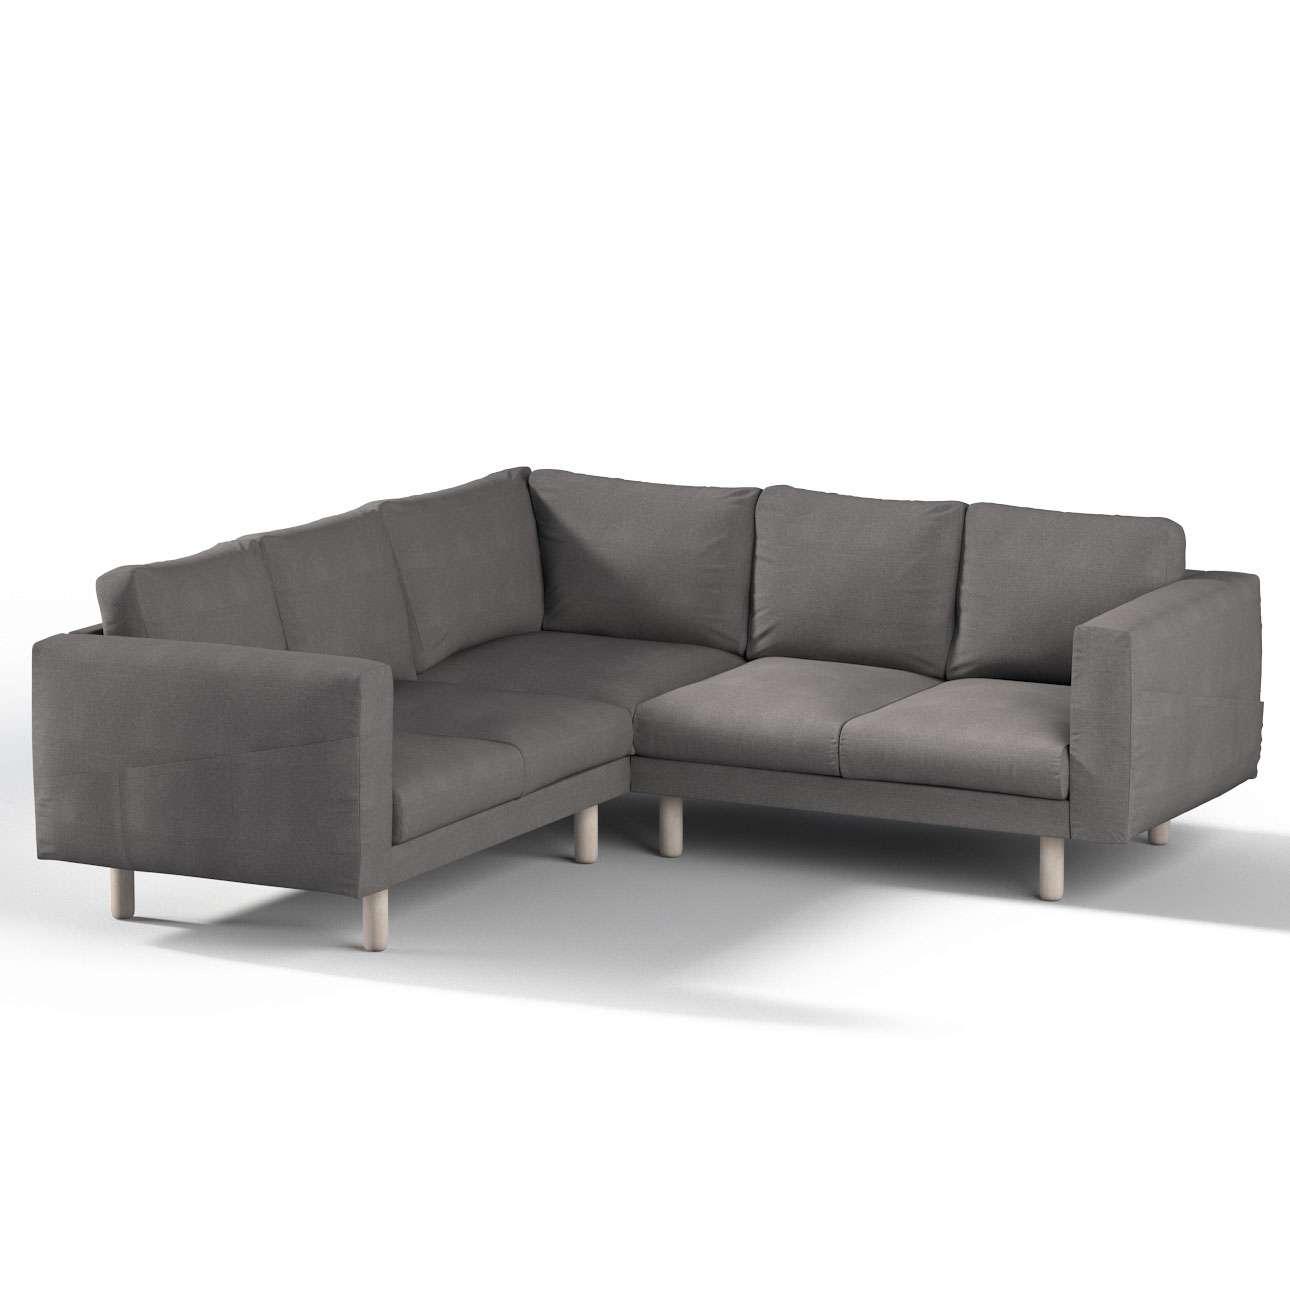 Pokrowiec na sofę narożną Norsborg 4-osobową w kolekcji Etna, tkanina: 705-35